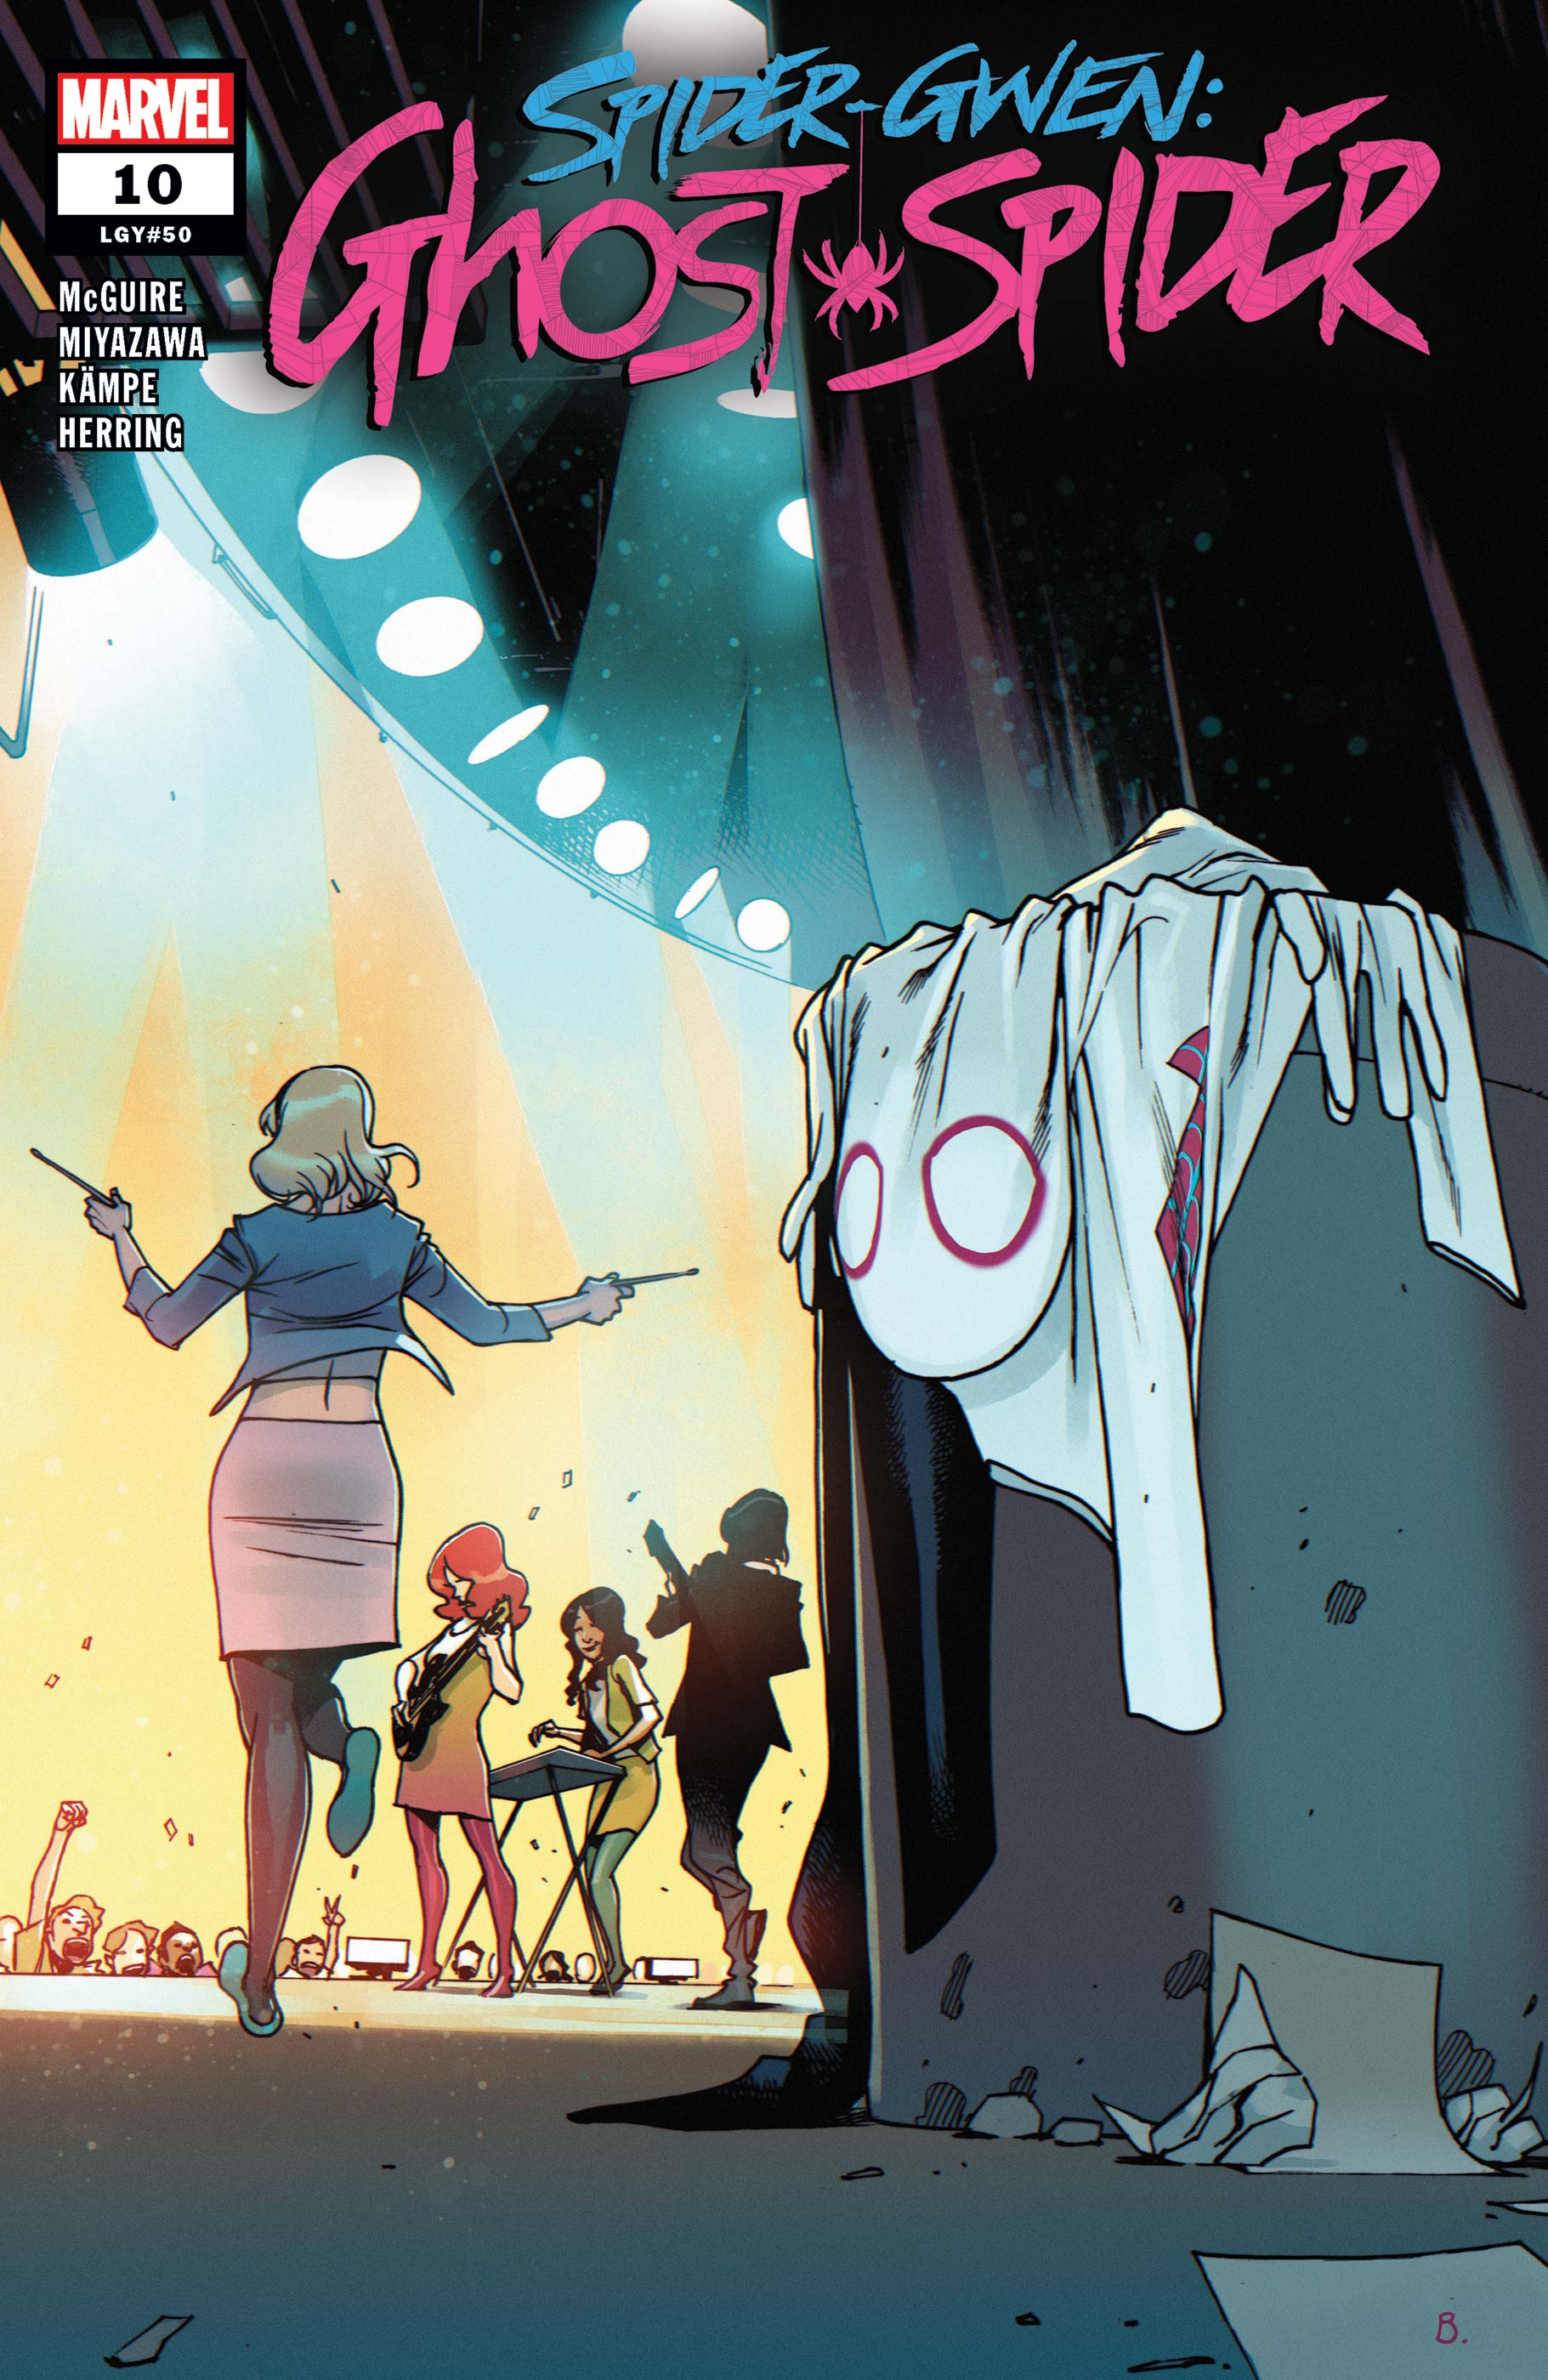 Spider-Gwen: Ghost-Spider (2018) #10